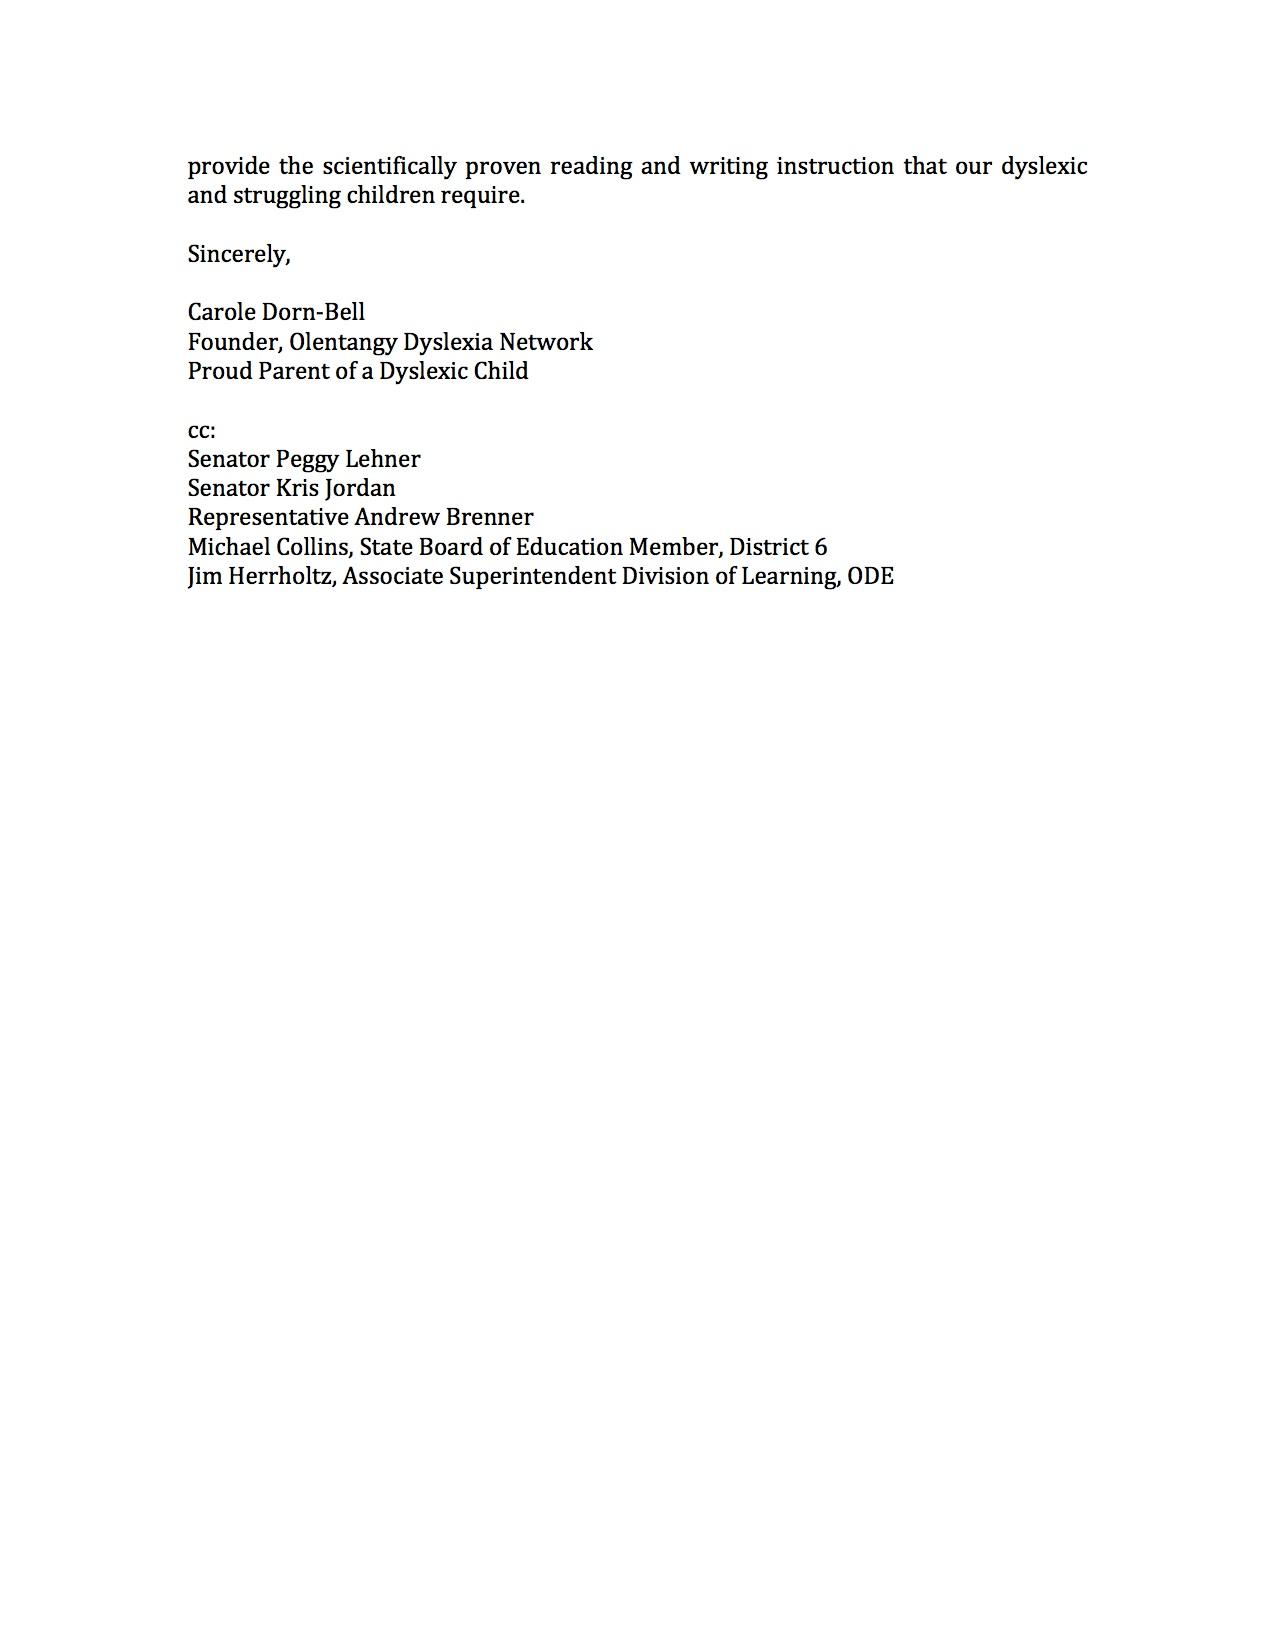 sample resignation letter regret sample customer service resume sample resignation letter regret sample resignation letter regret sampletemplates resignation letter